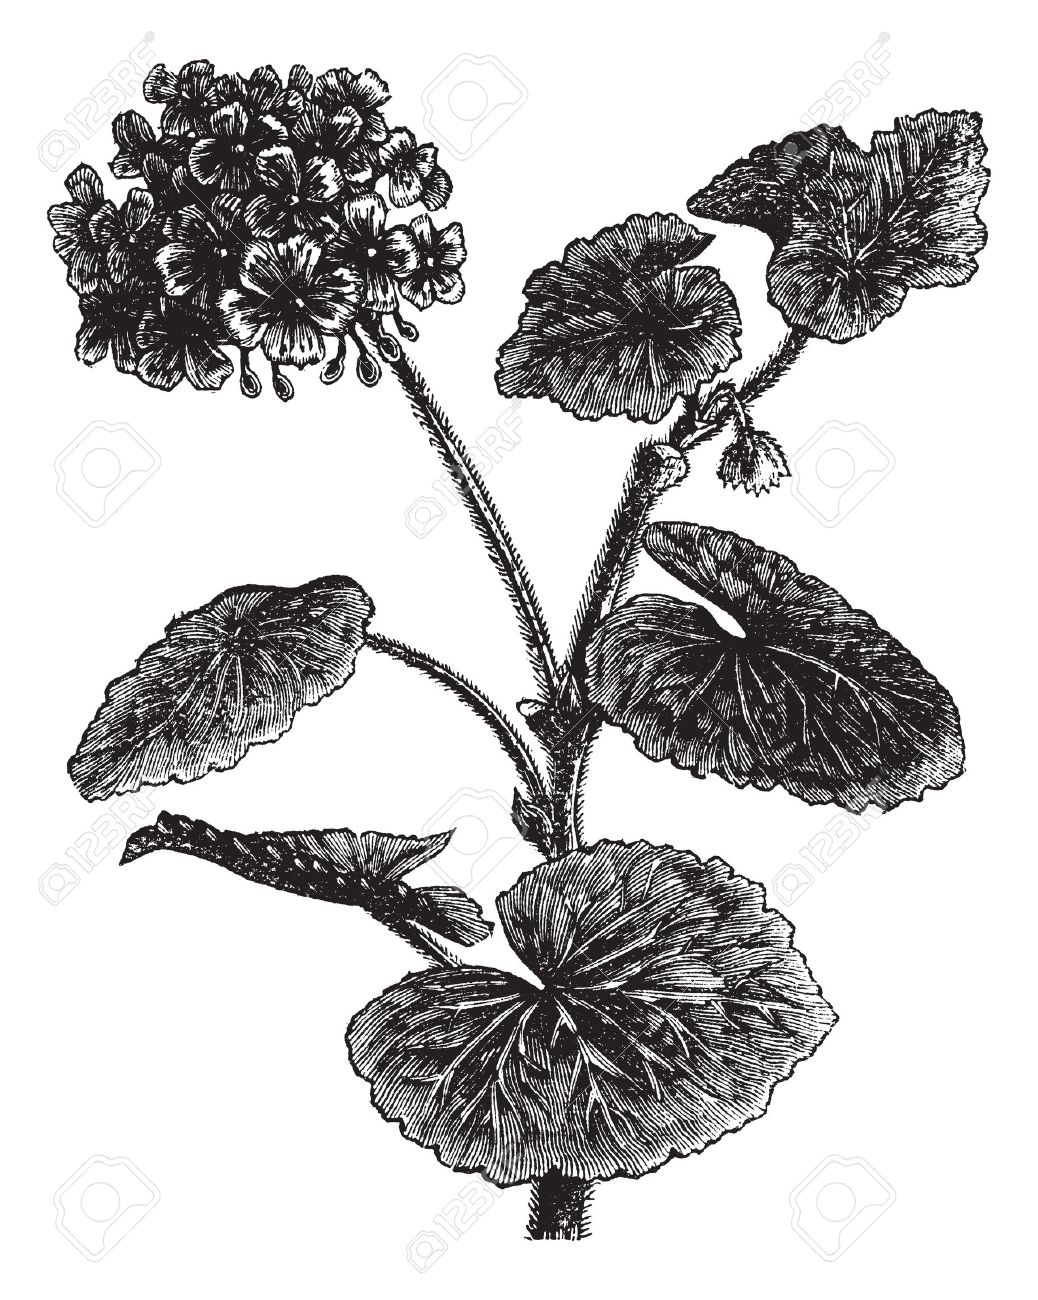 Geranium clipart #4, Download drawings